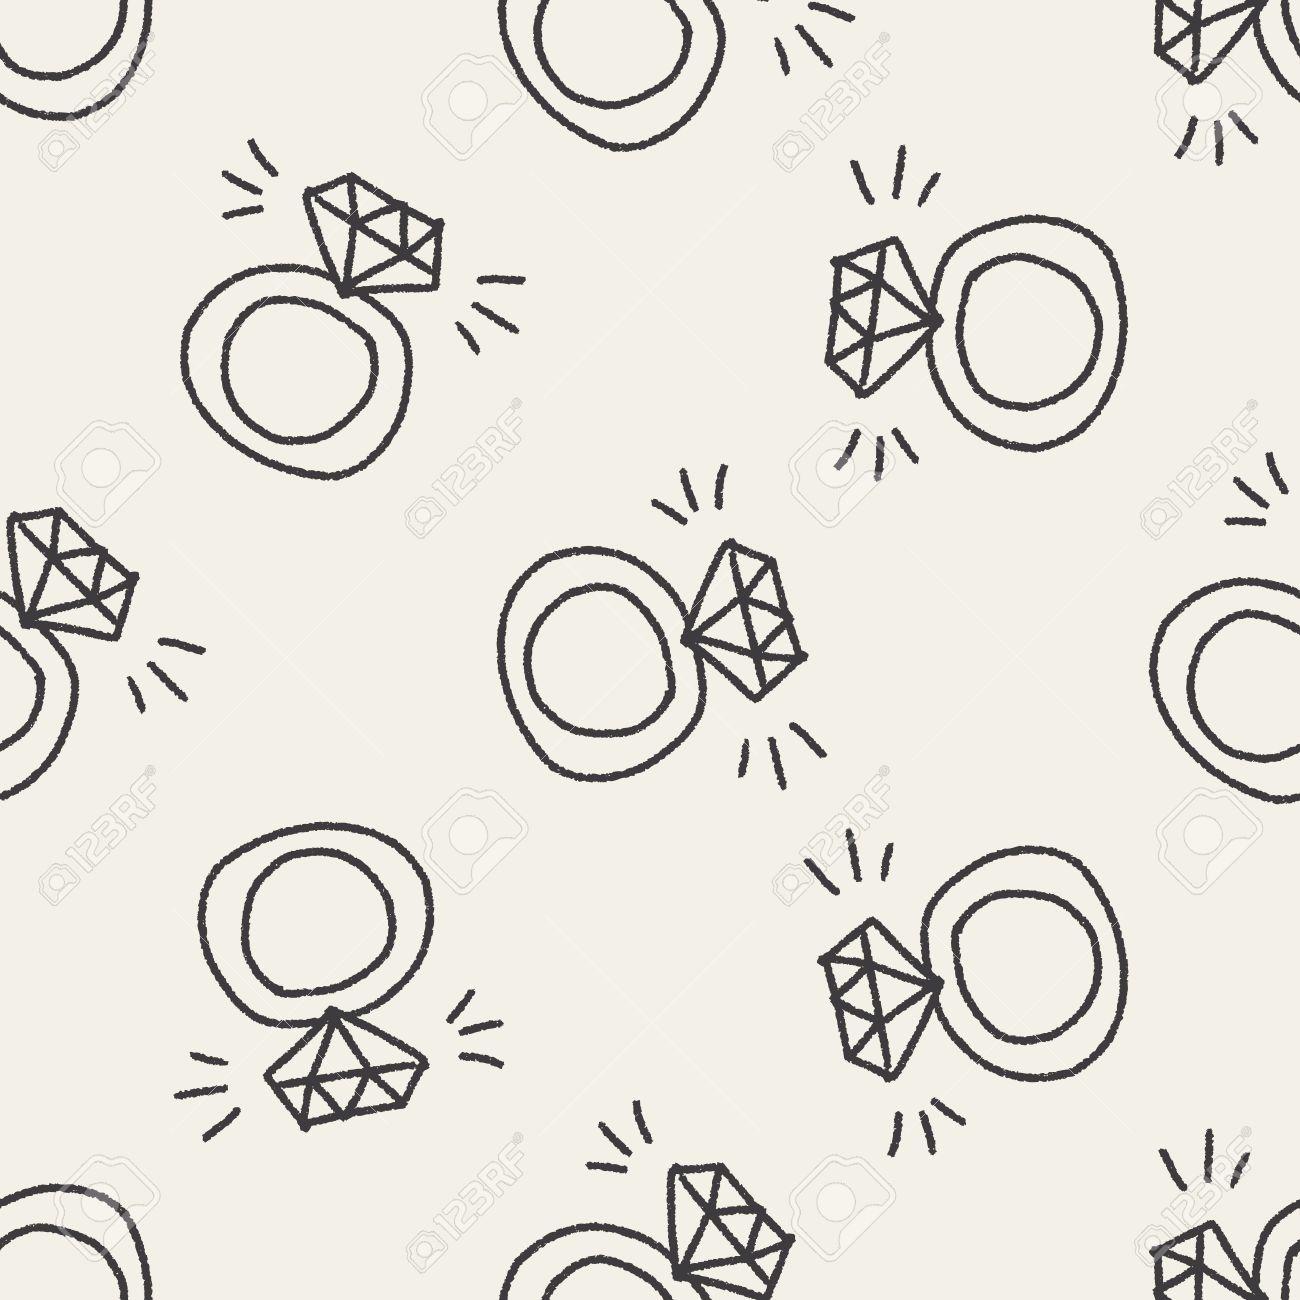 Anillo De Diamantes Doodle De Fondo Sin Fisuras Patrón Ilustraciones ...